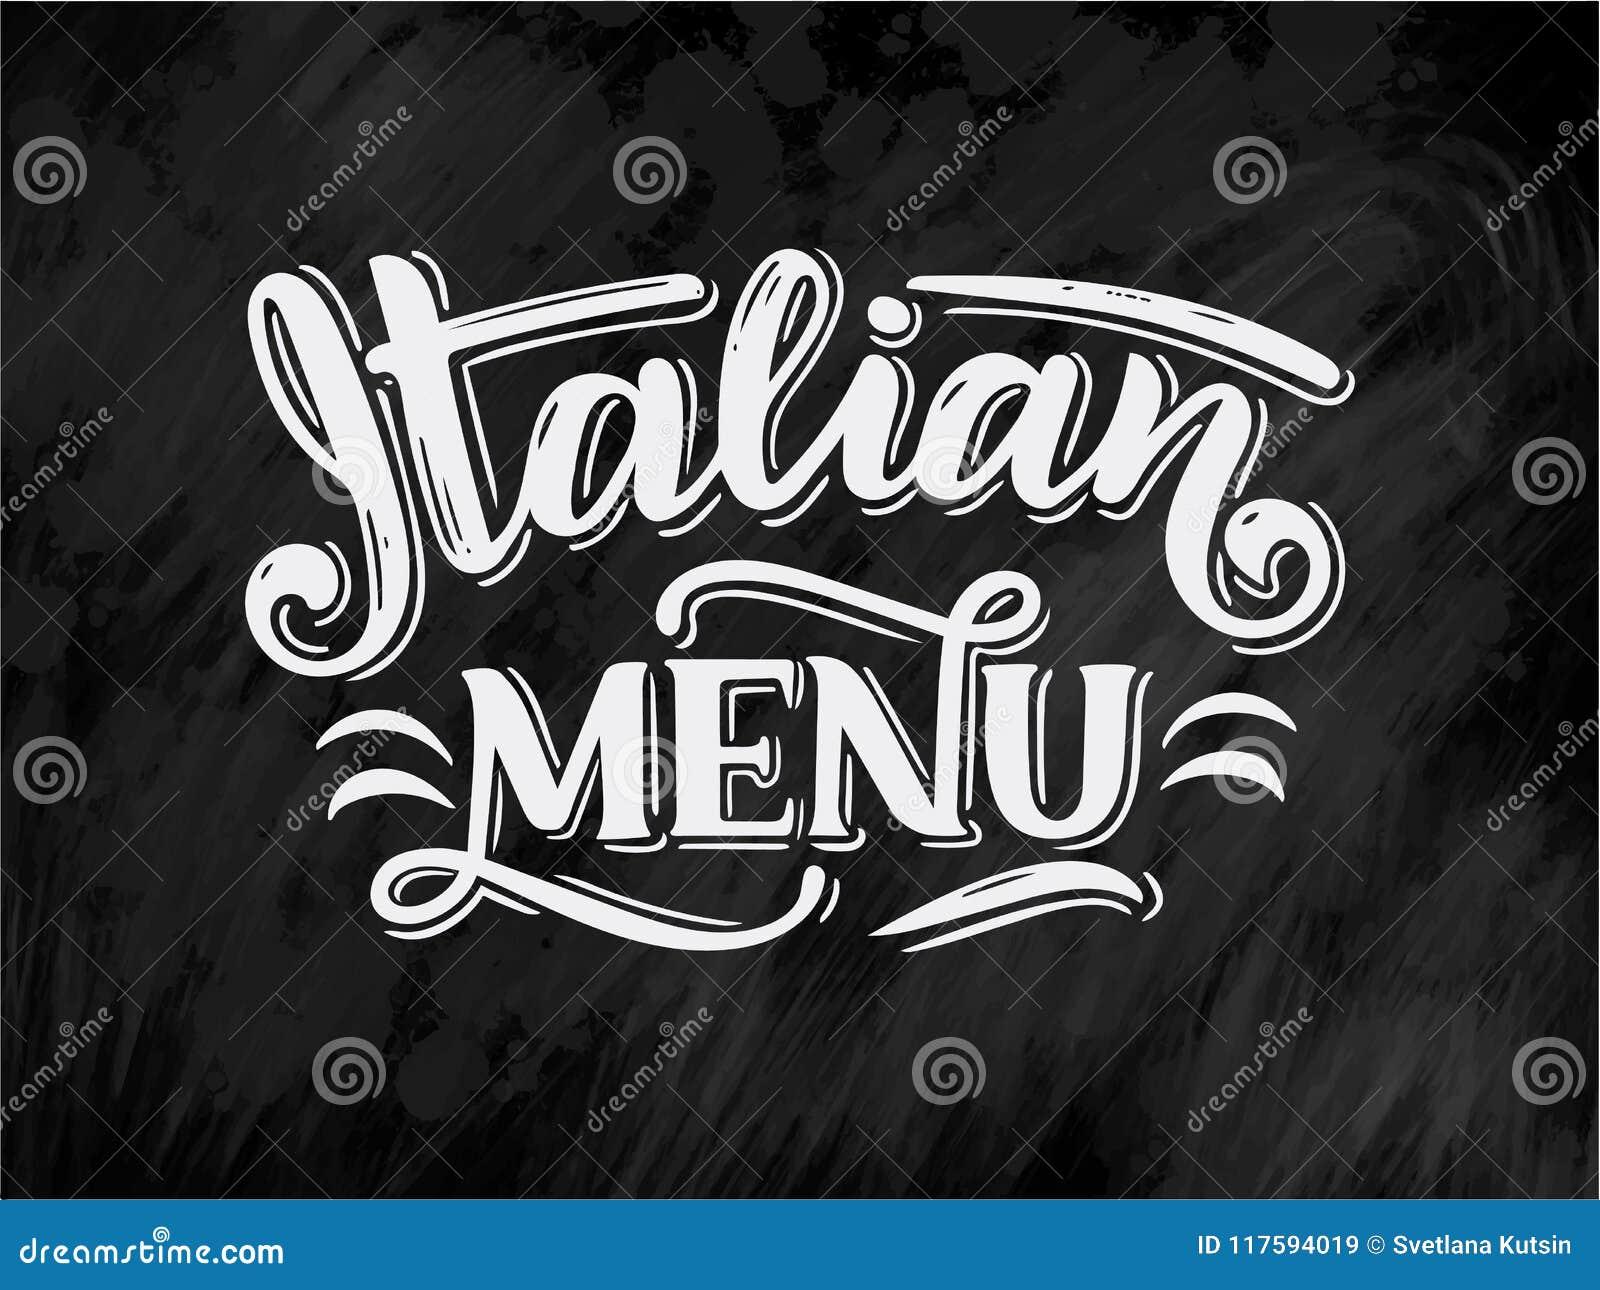 Menu Italiano Do Alimento Nomes Dos Pratos Frases Da Rotulacao